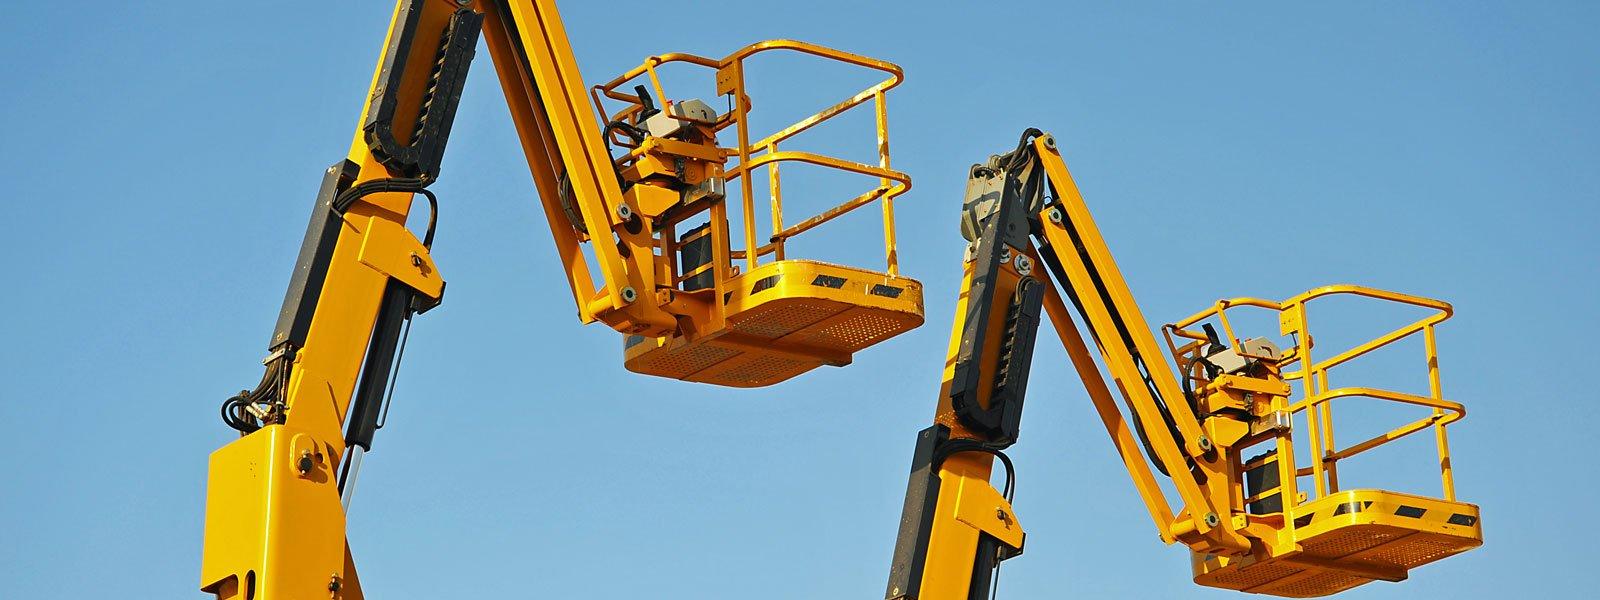 Escavatore a punto di avviare il lavoro